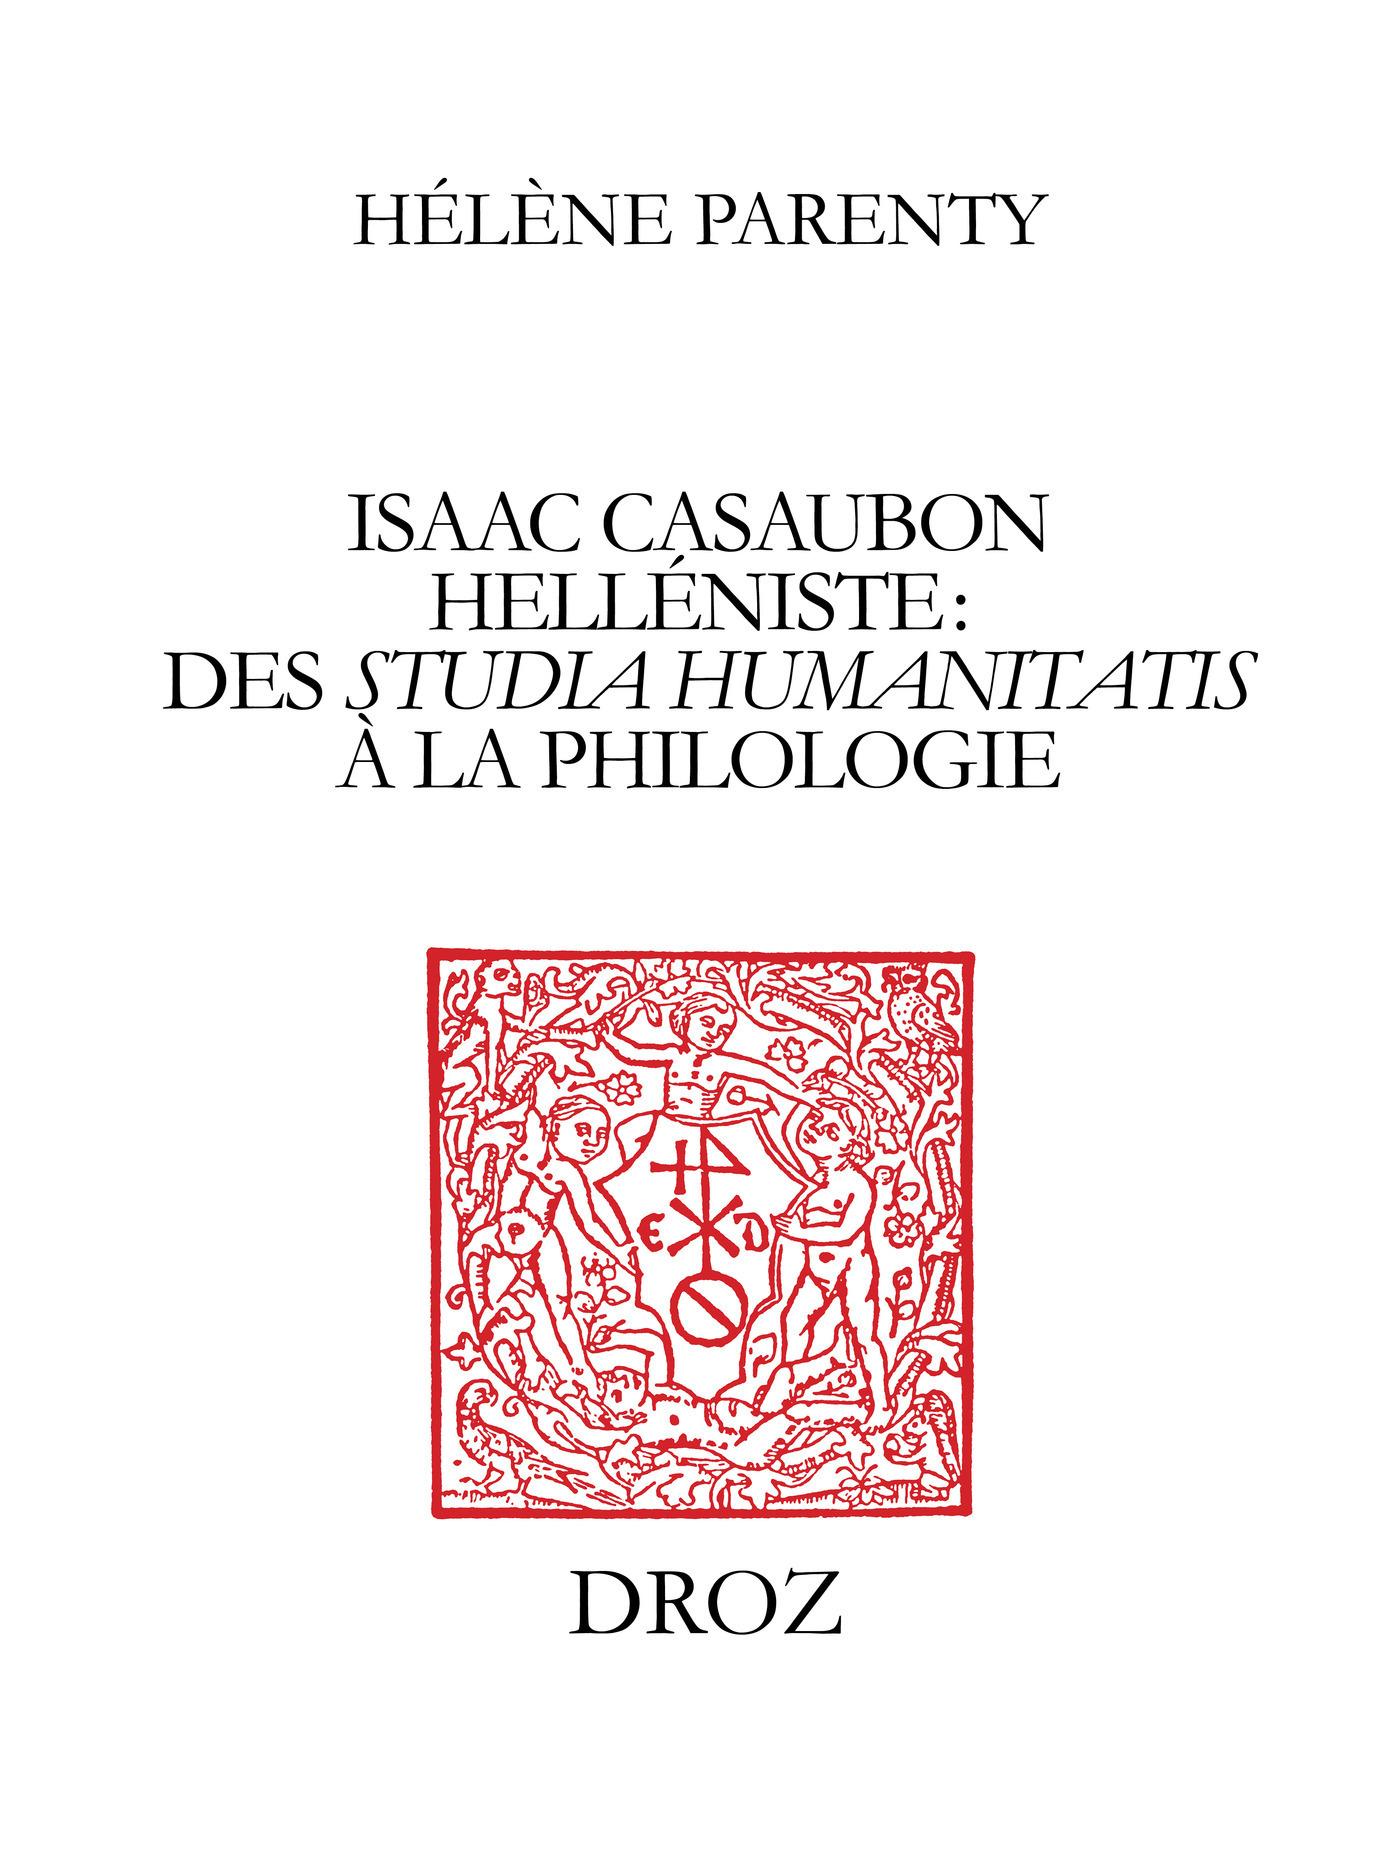 Isaac Casaubon helléniste : des studia humanitatis à la philologie